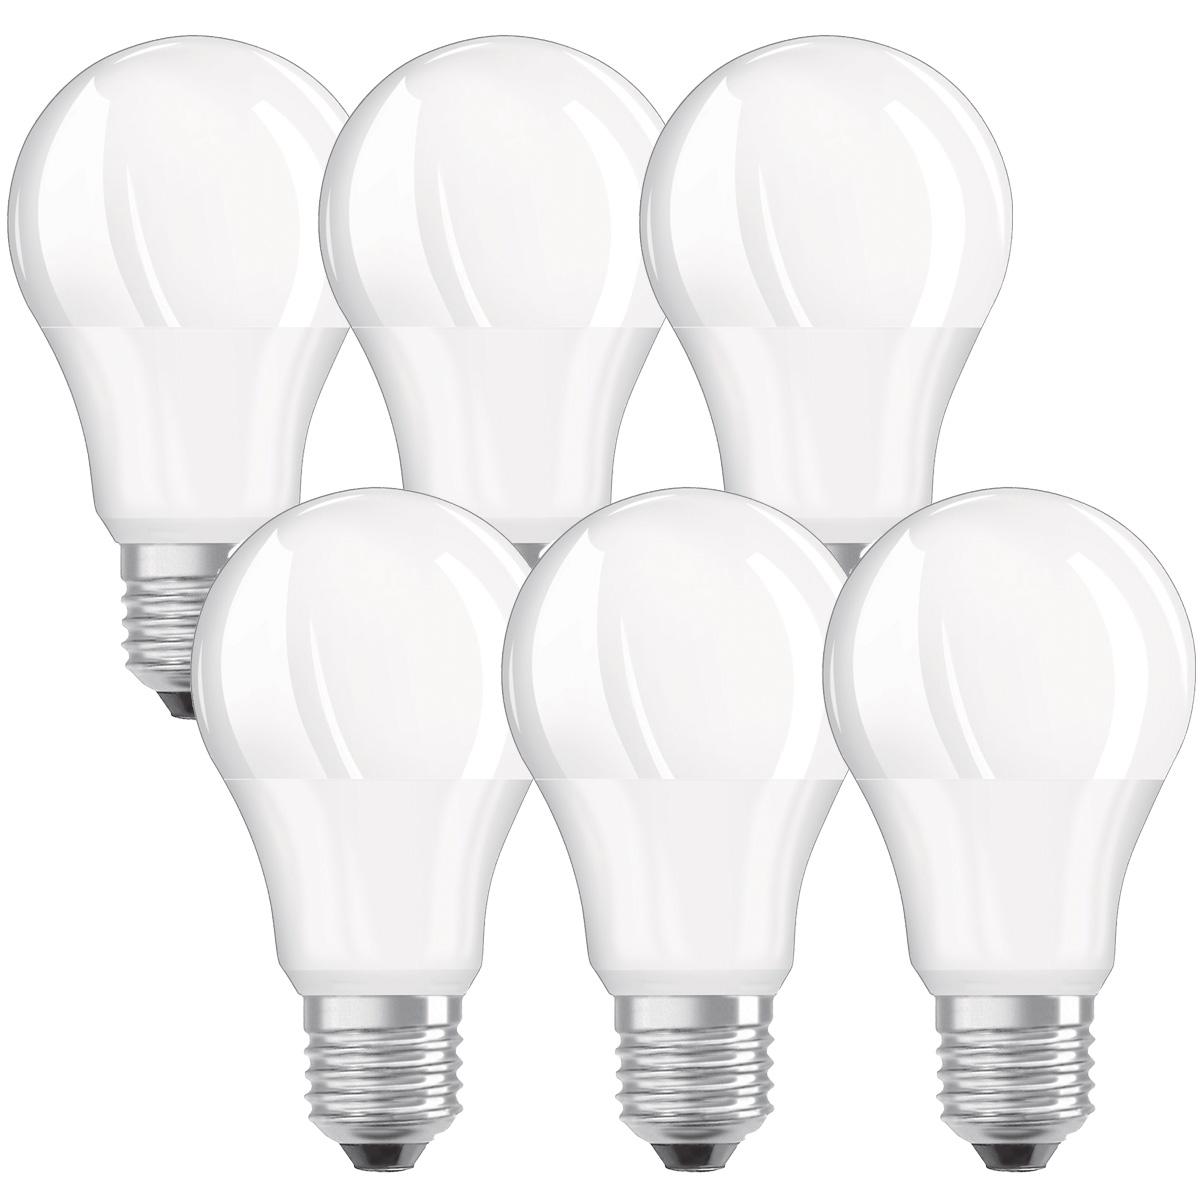 Hochwertige LED-Lampen günstig online kaufen   LED.de